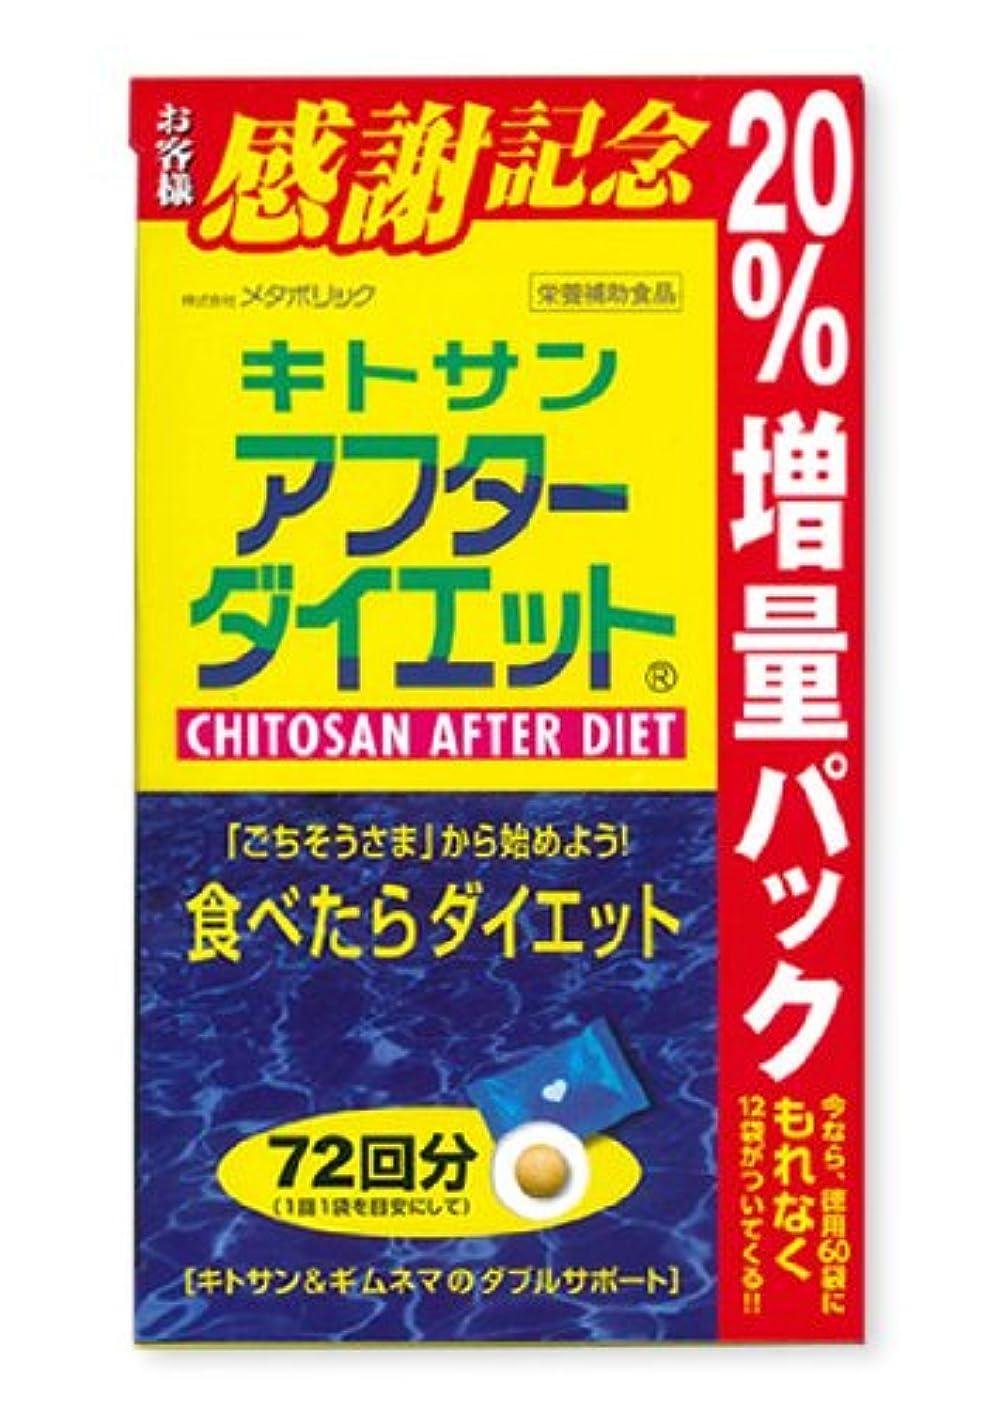 養う親密な一緒にお徳用 72袋入り キトサン アフターダイエット ( お徳用 72袋入り)×15個セット 20%増量版